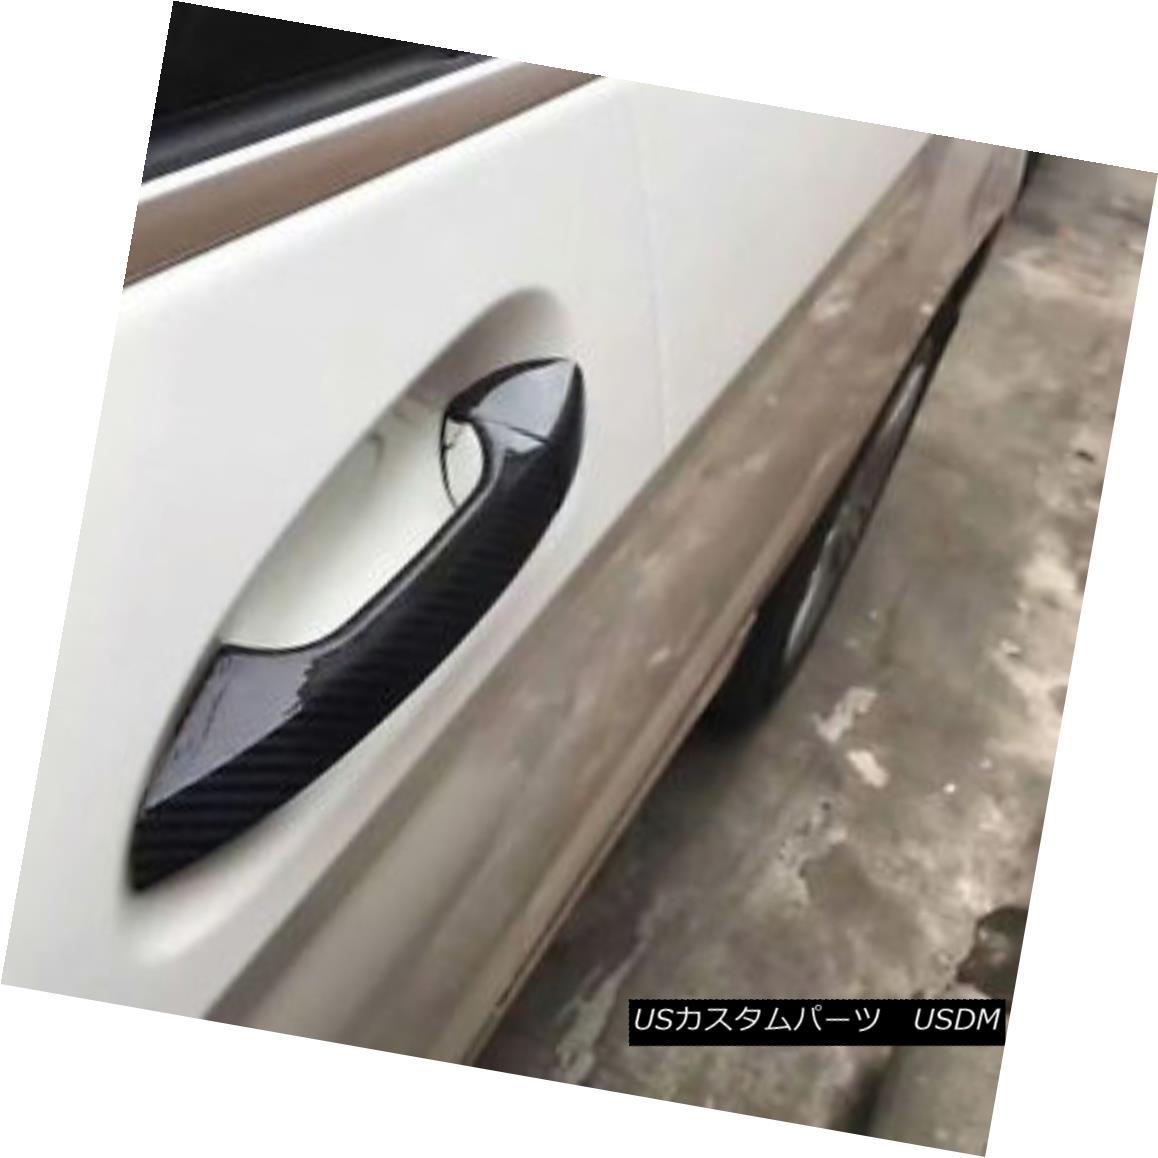 車用品 バイク用品 >> パーツ 外装 エアロパーツ その他 Outter 安全 Door Handle Cover 保障 Bar ベンツ15-16のための外側ドアハンドルカバーGLAクラスバートリム炭素繊維の外観 For Benz Fiber GLA Carbon 15-16 Exterior Class Trim